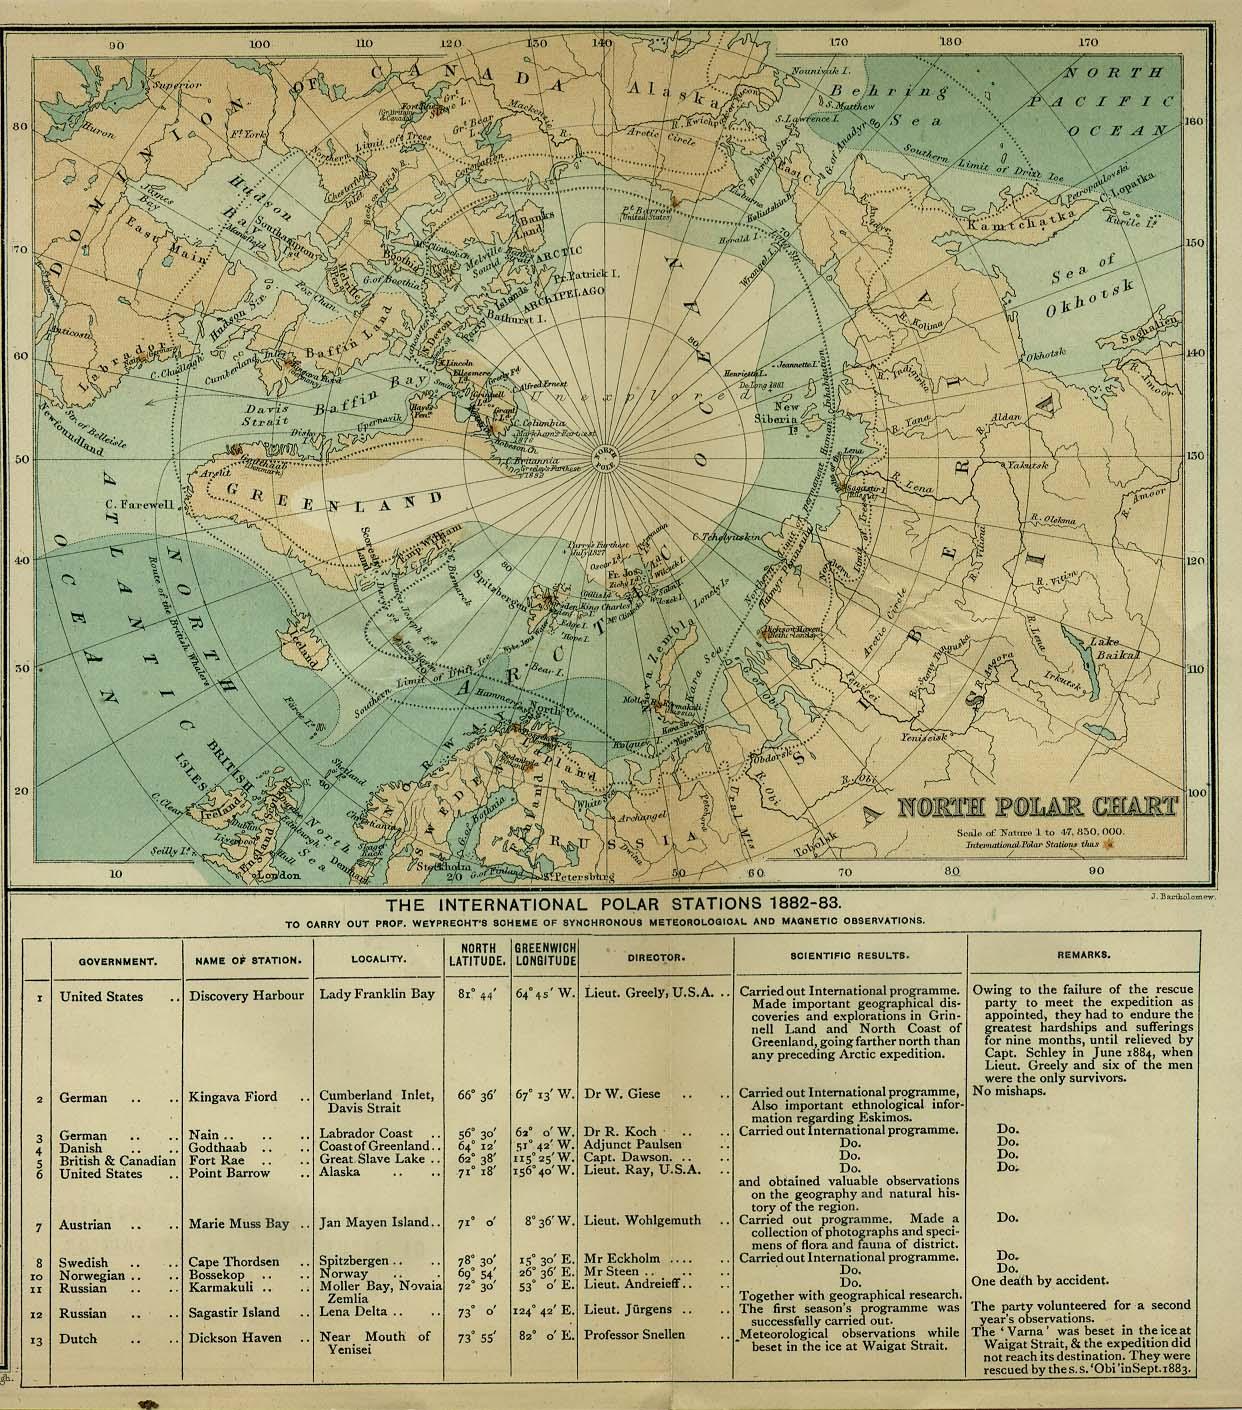 1885 Карта Арктики с указаниями 13 полярных станций, их координат и начальников.jpg